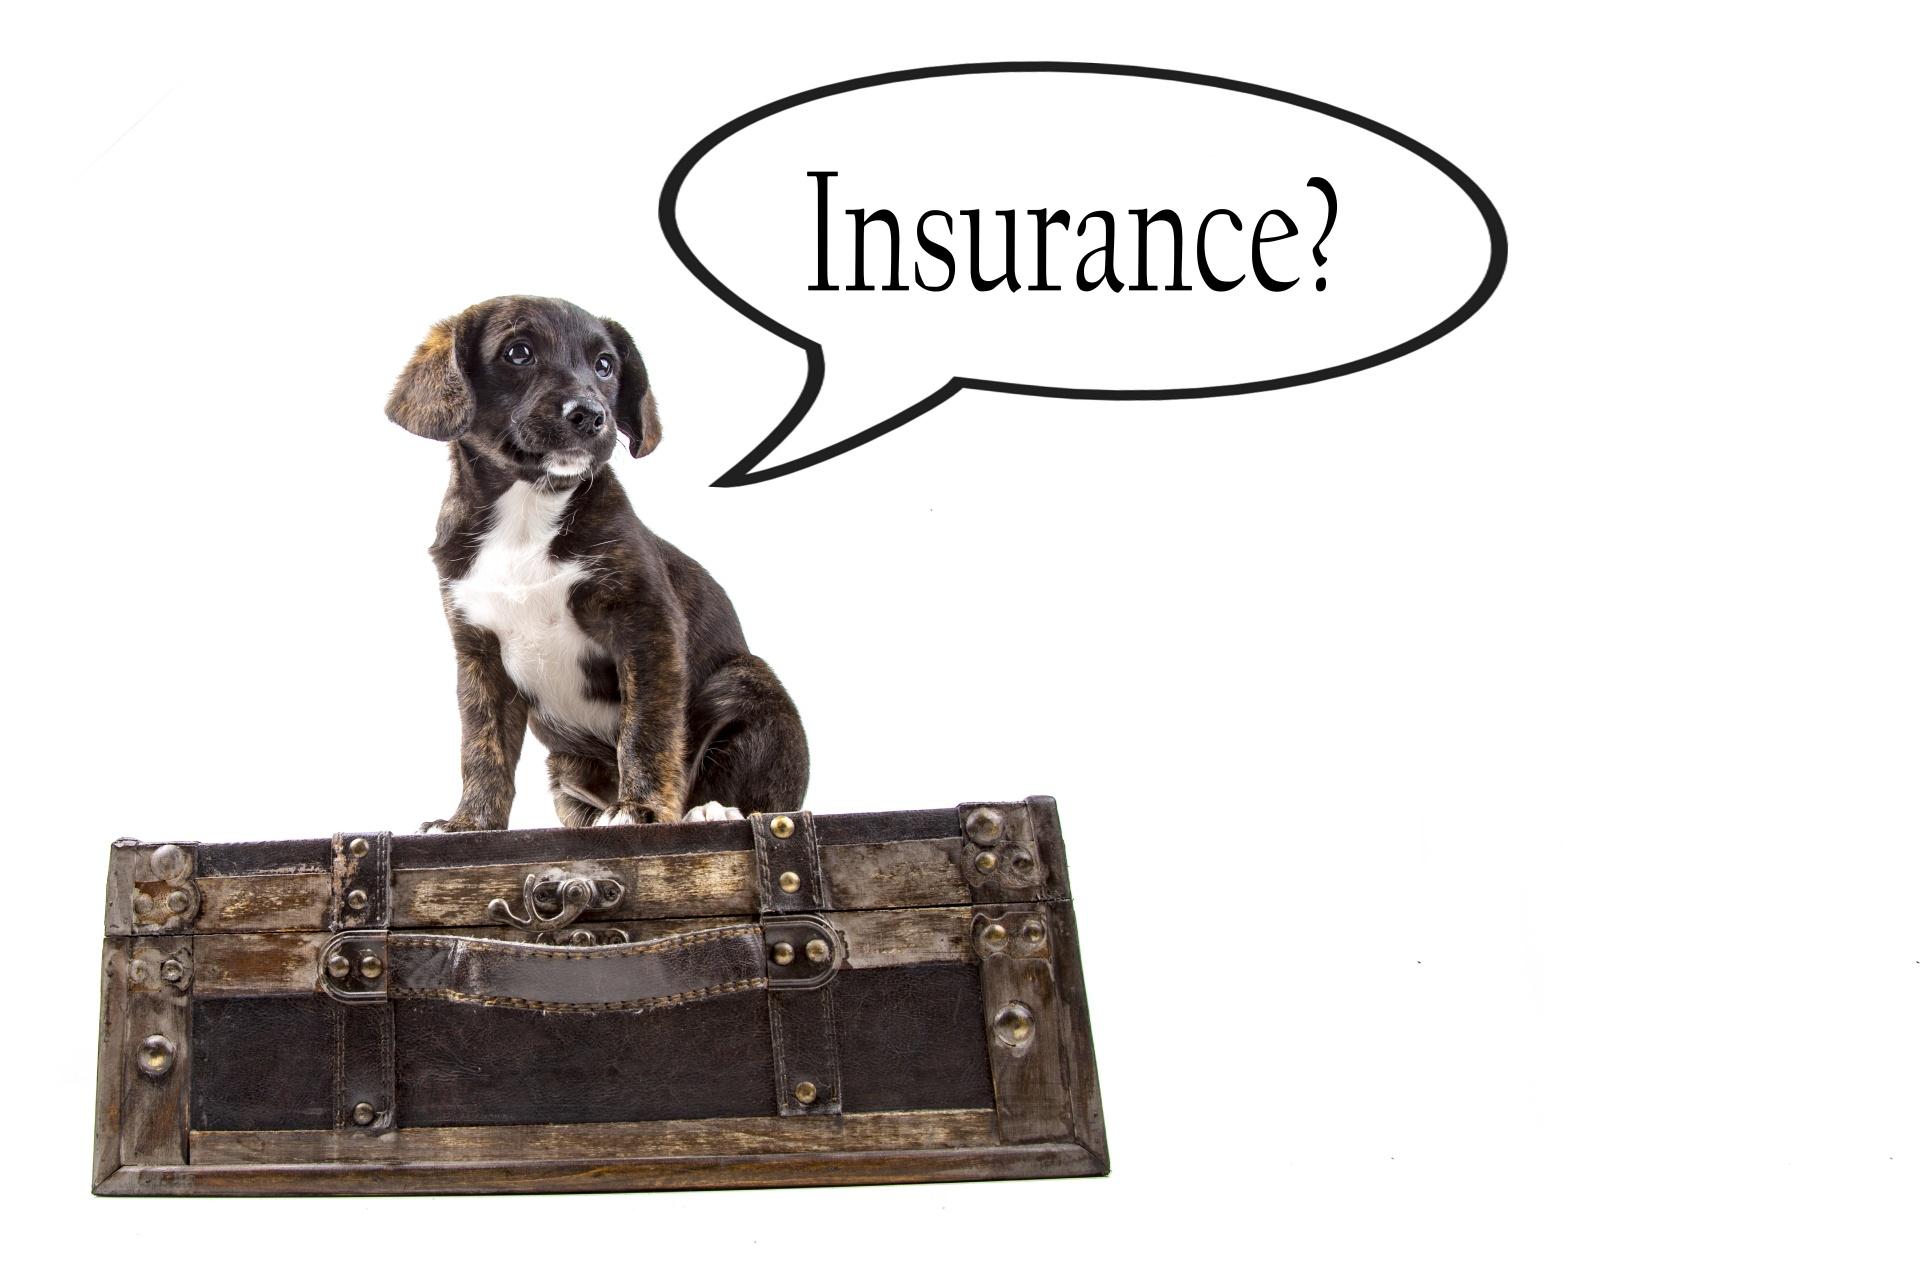 insurance-background-with-dog-1474825546uT0